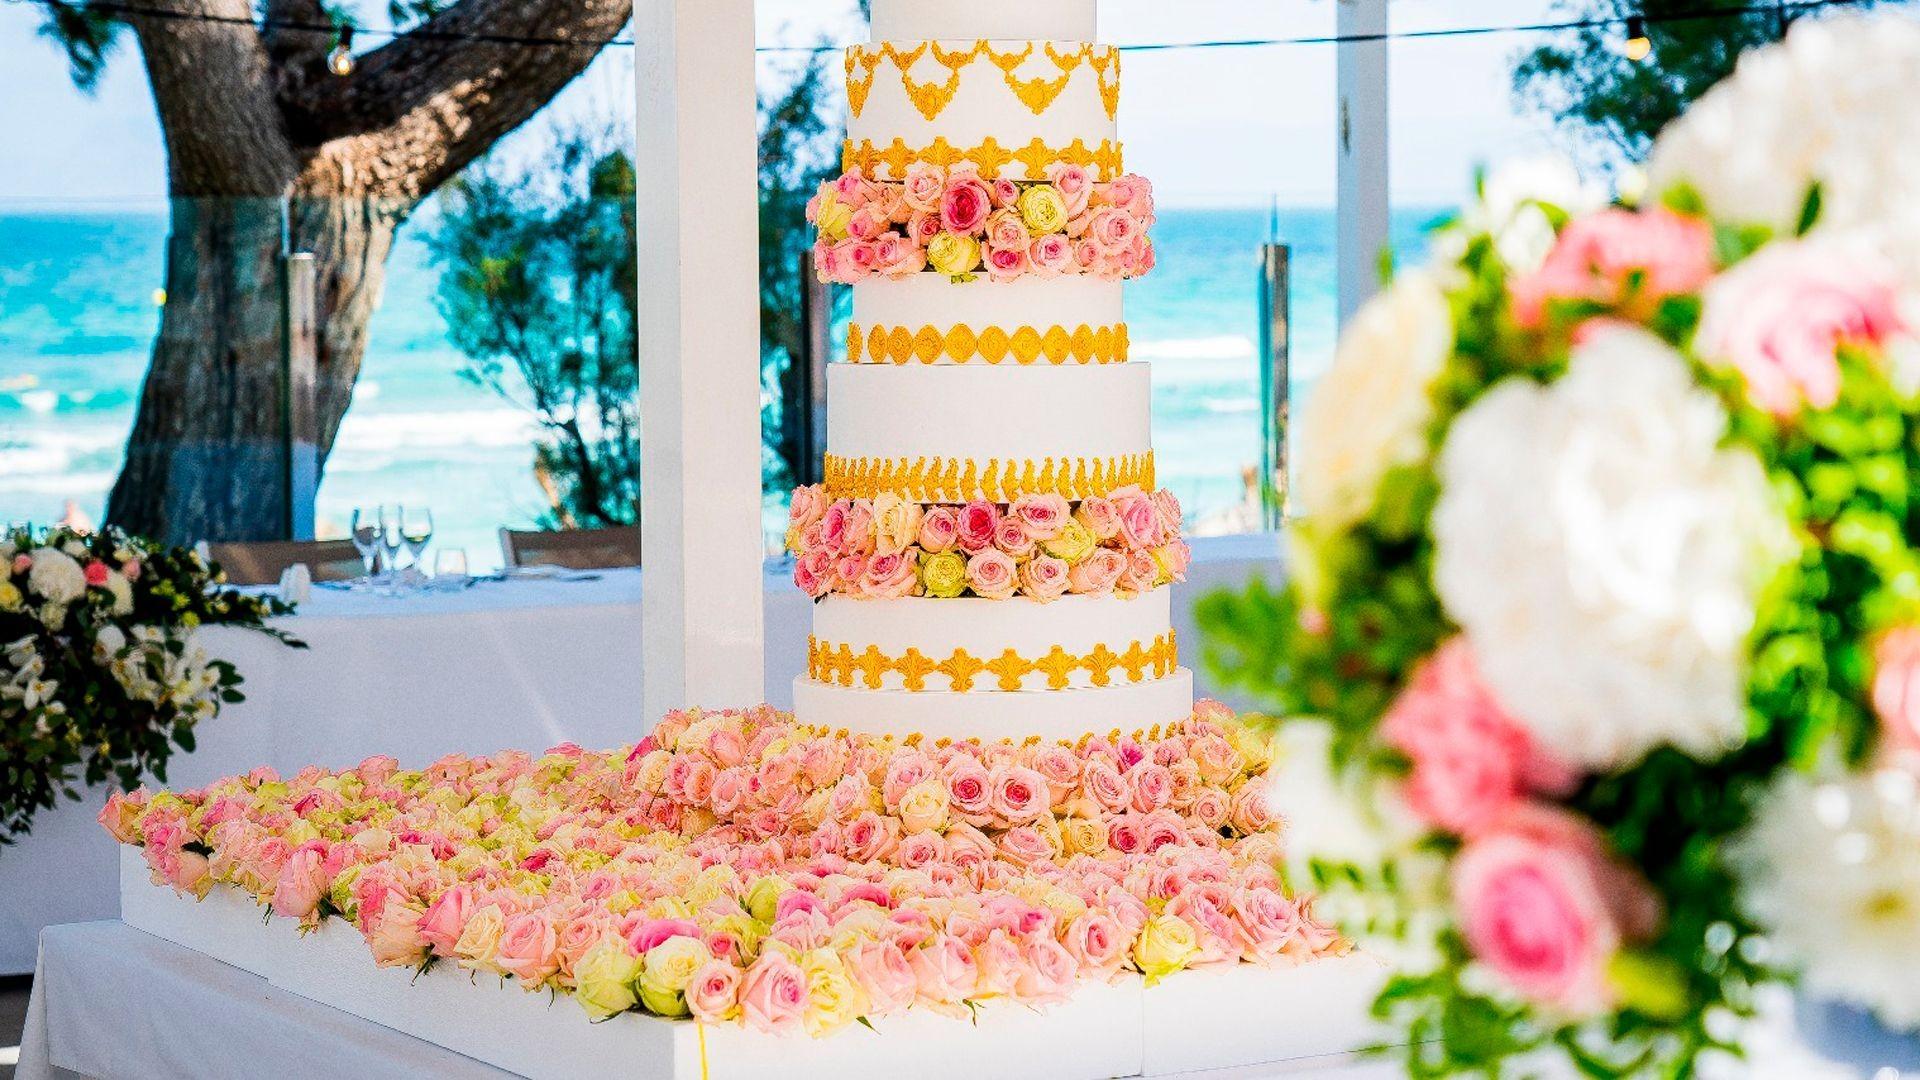 Tartas personalizadas para bodas en Palma de Mallorca